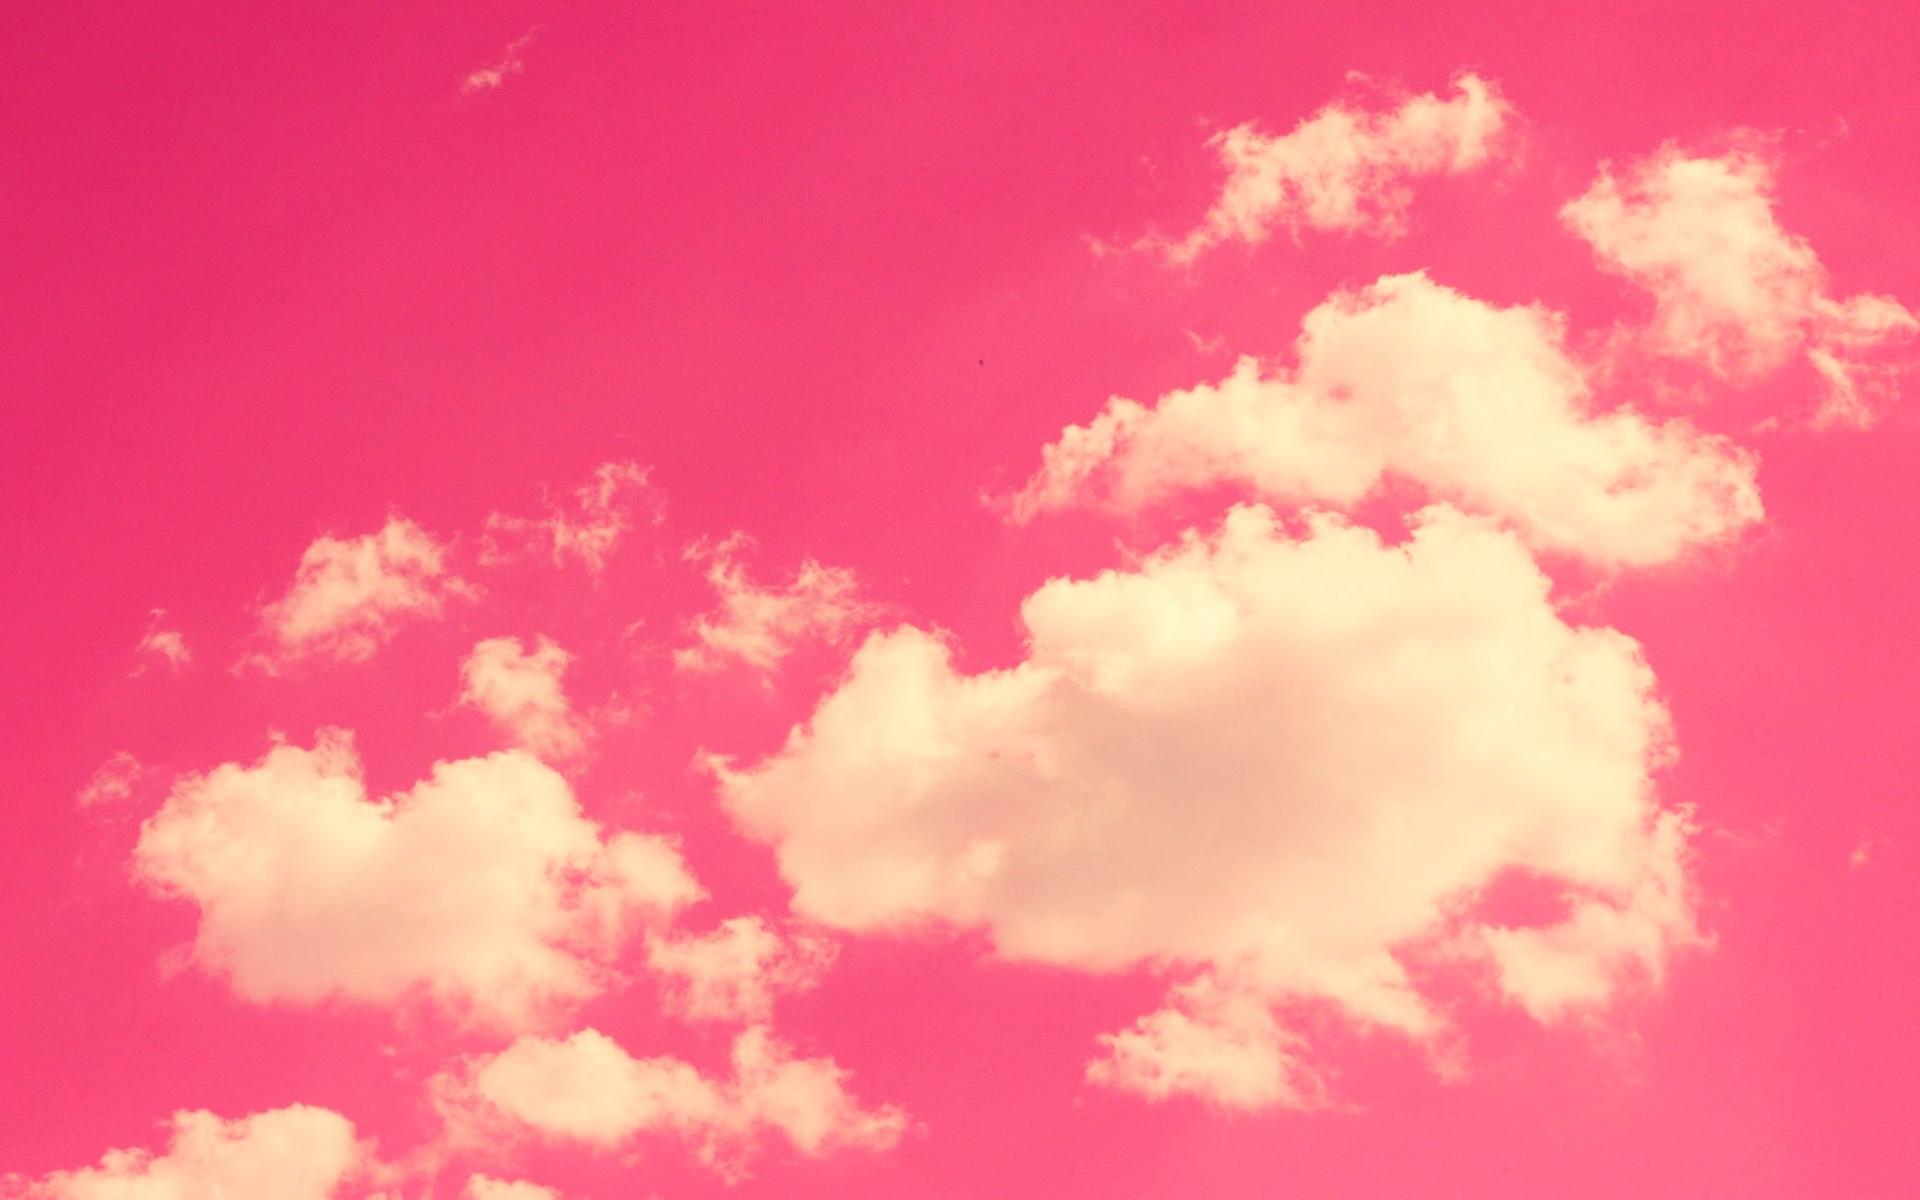 Pink Cloud wallpaper | 1920x1200 | 38228 | WallpaperUP